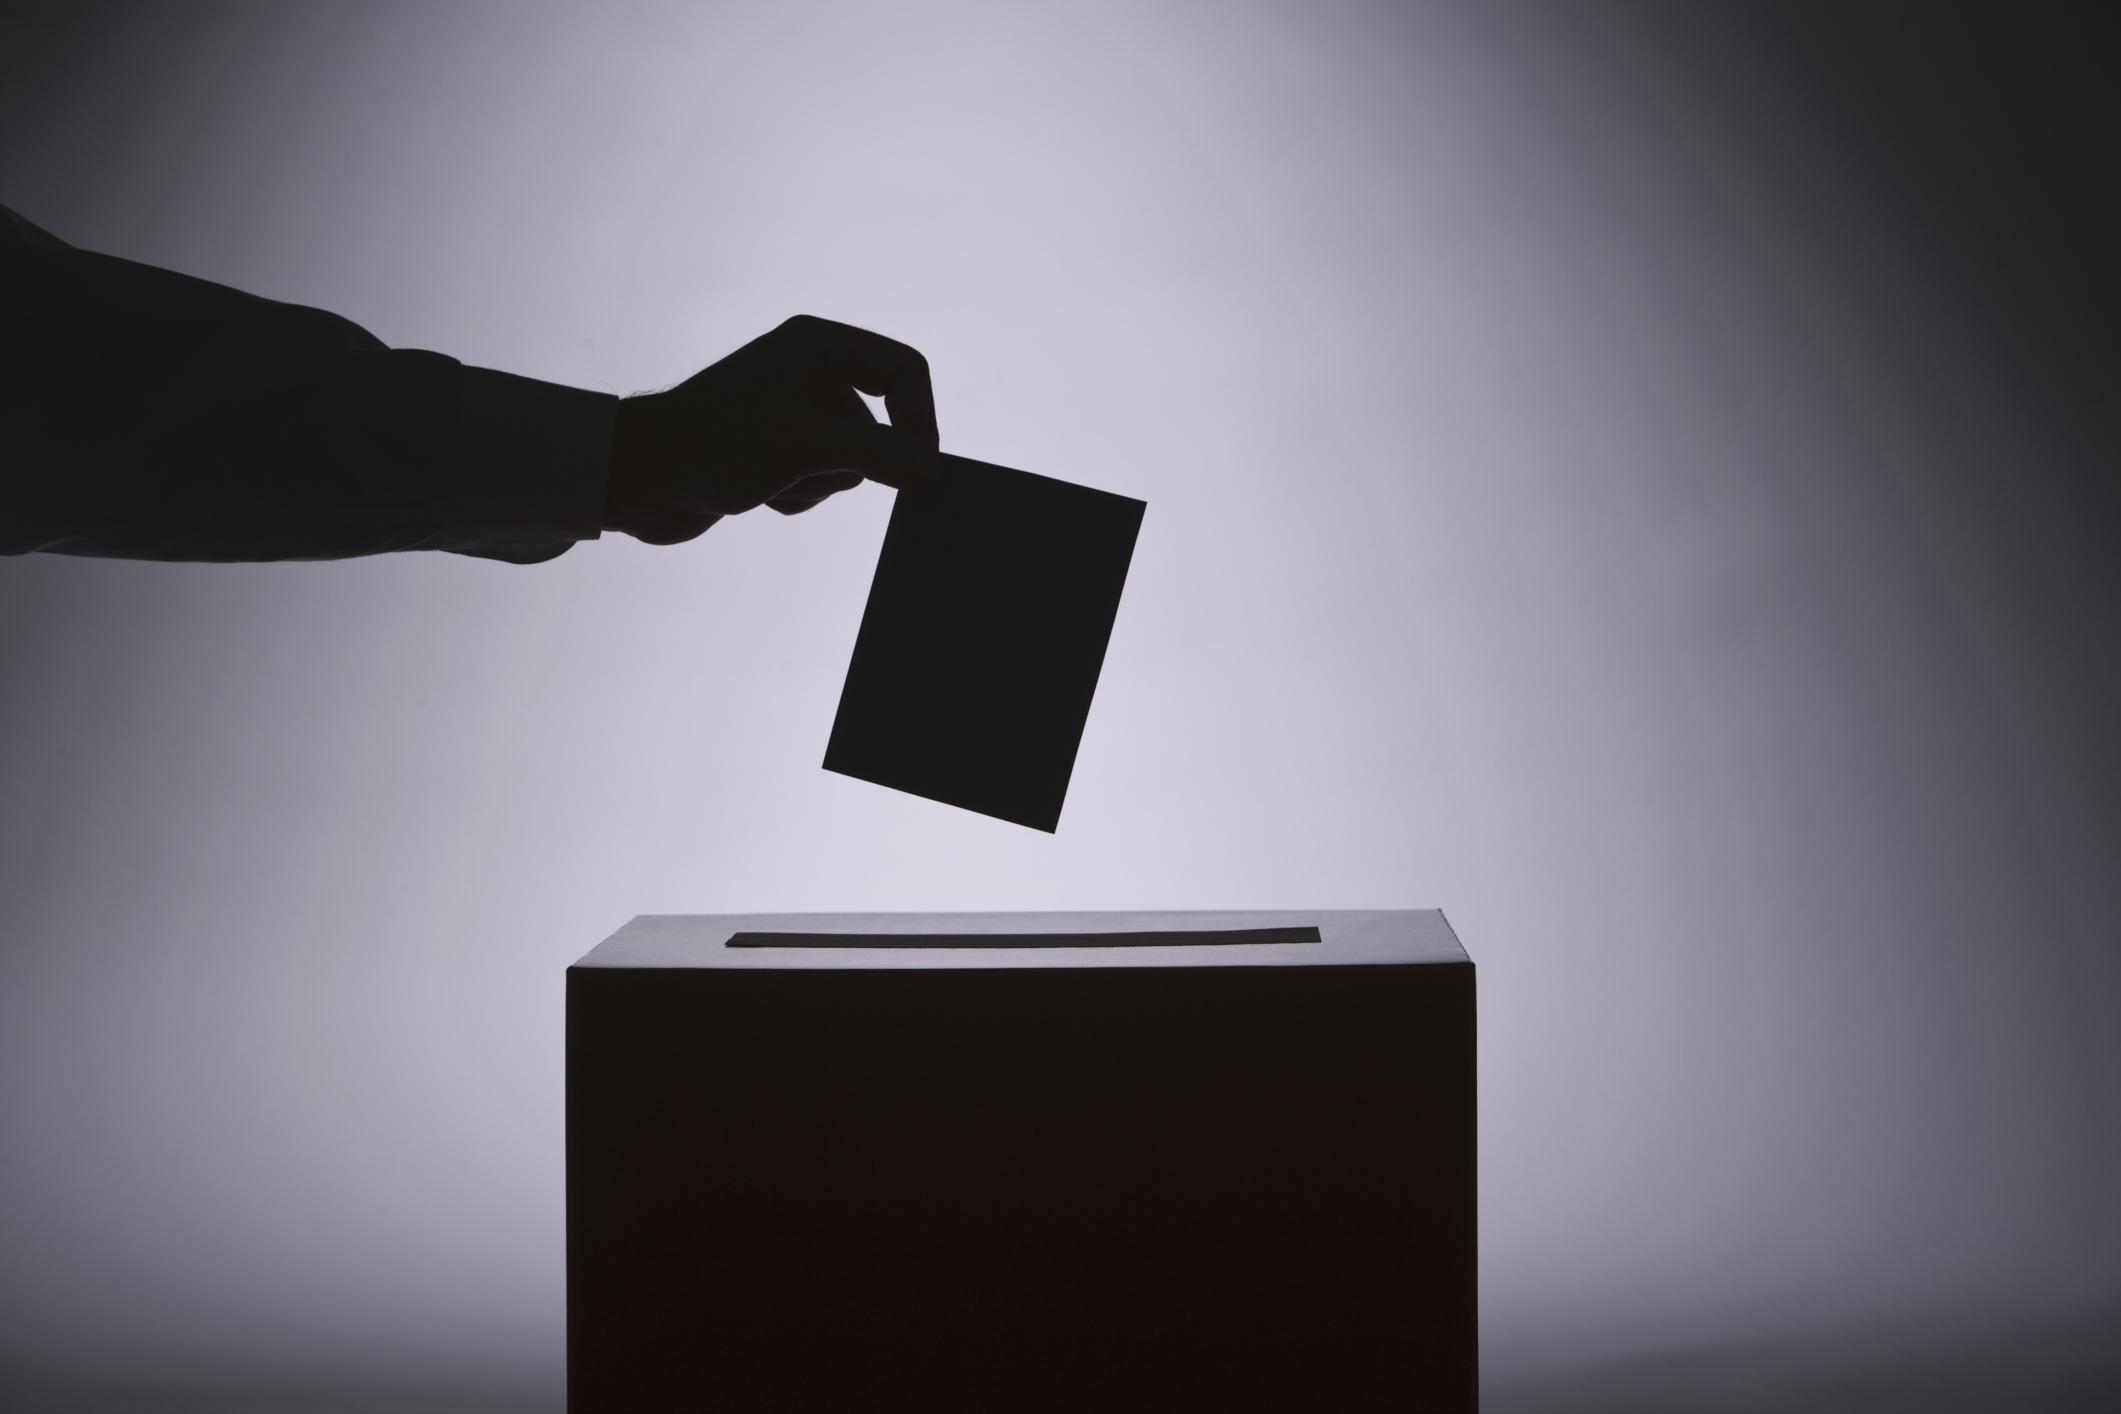 Veľká anketa: Slovenskí študenti idú voliť!